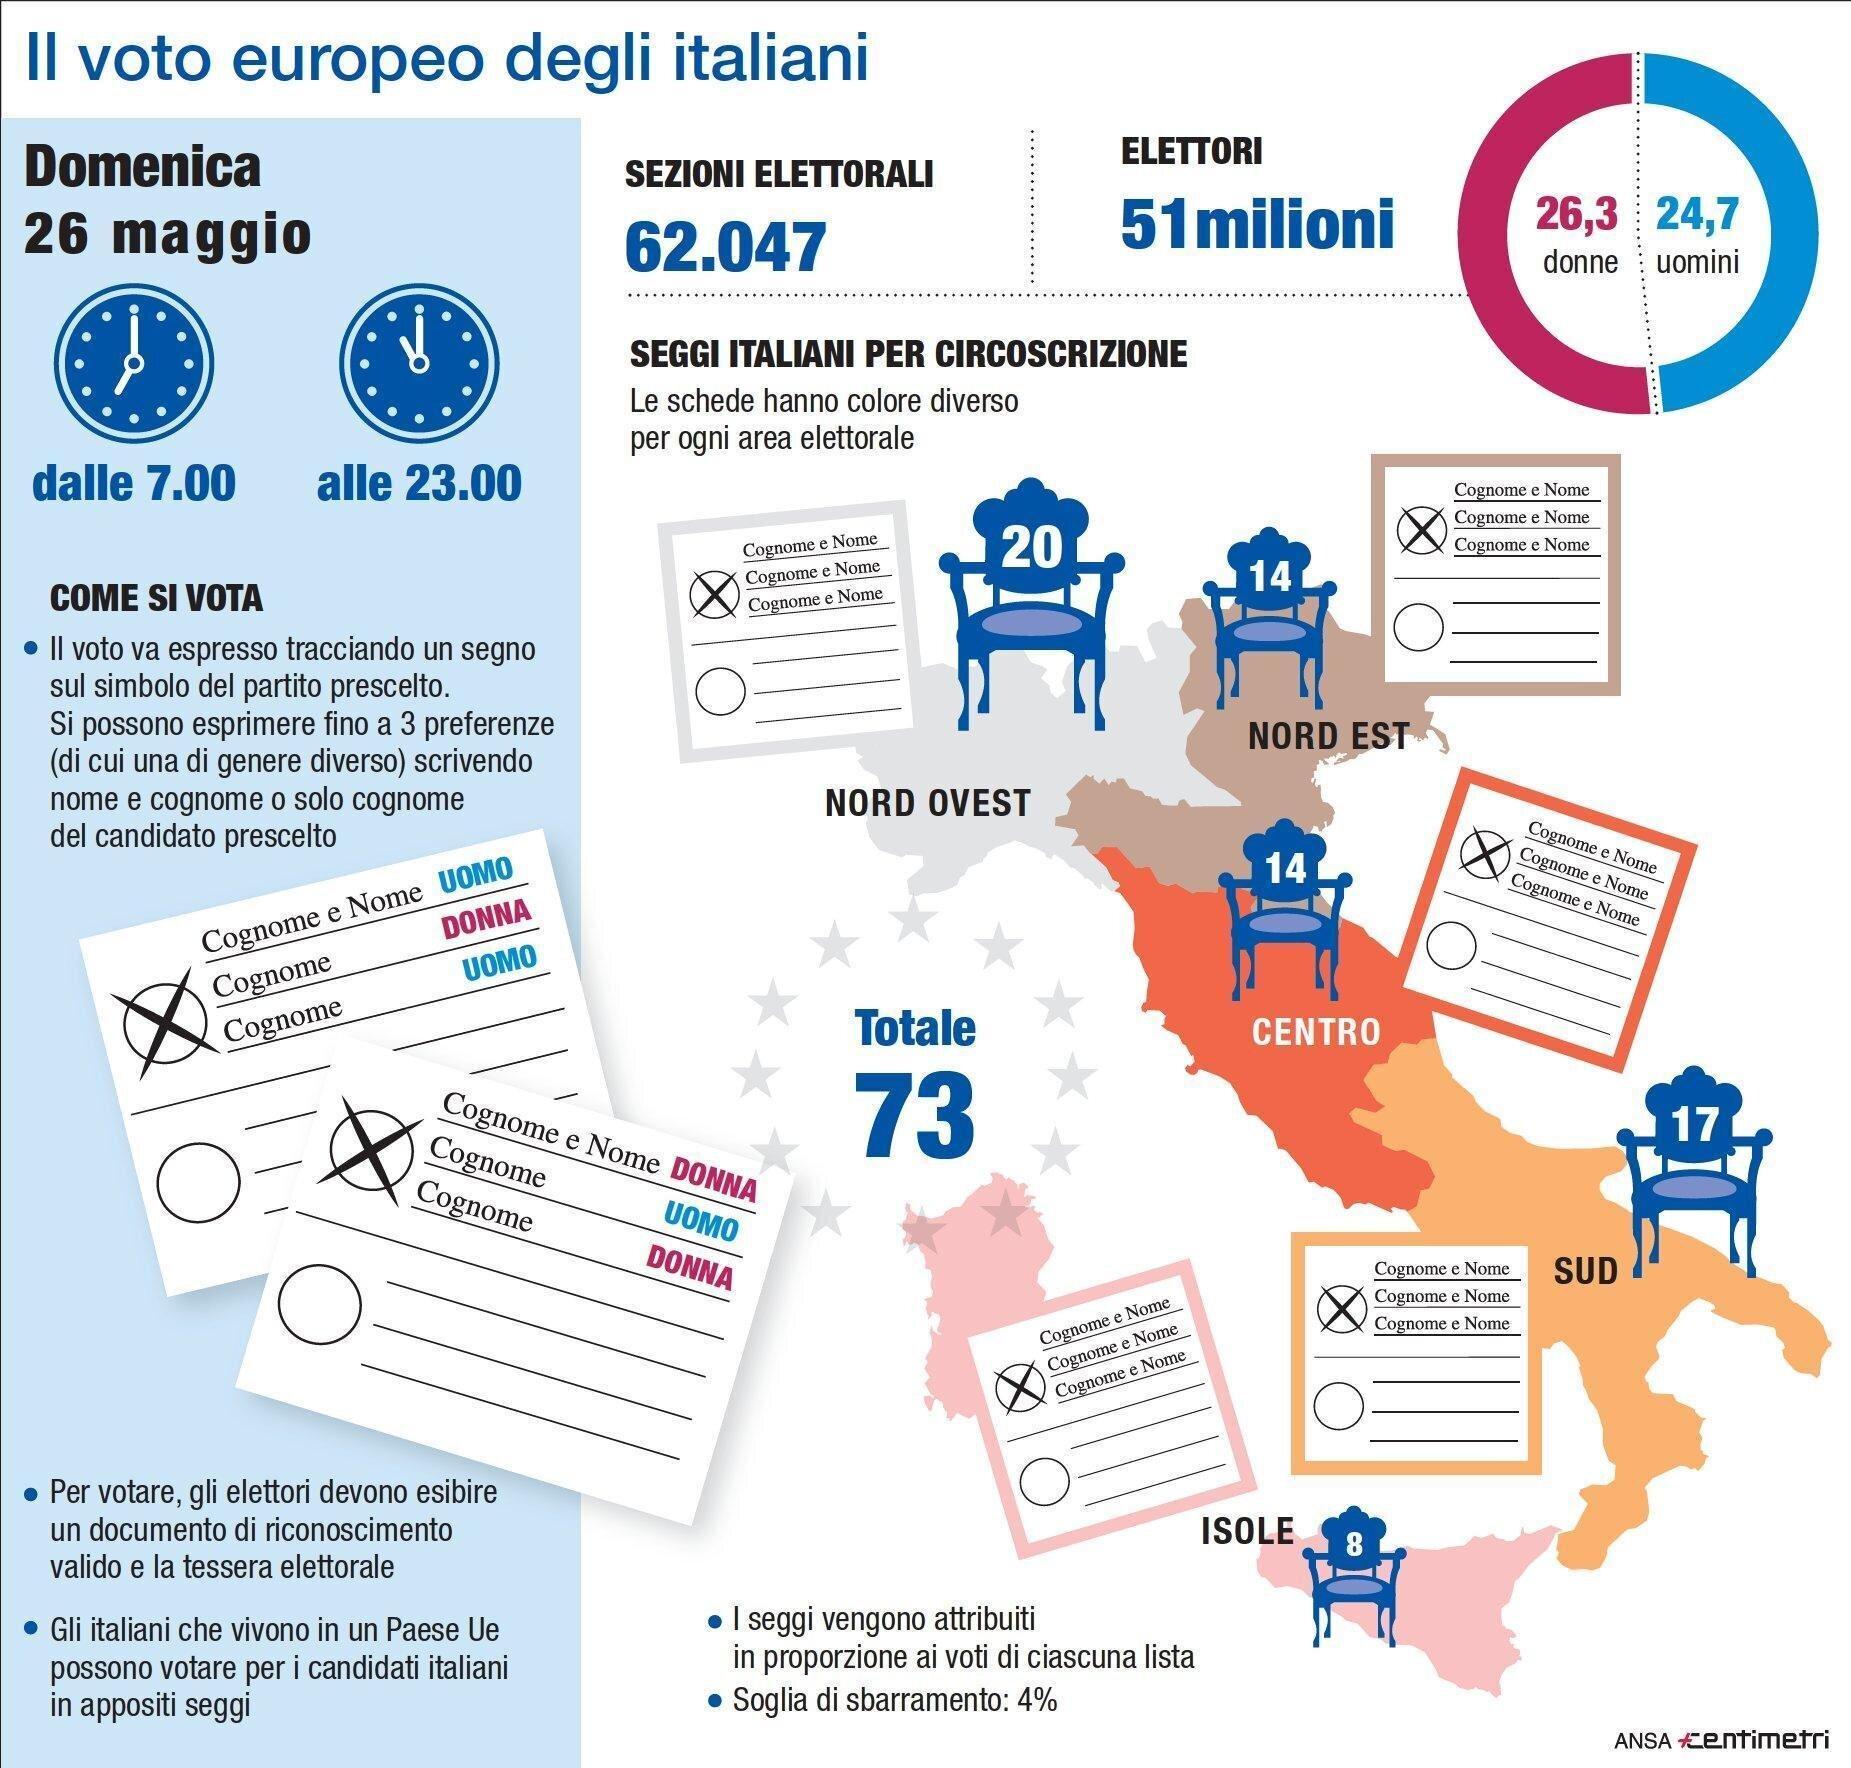 Voto di preferenza e alternanza di genere: come si vota alle elezioni